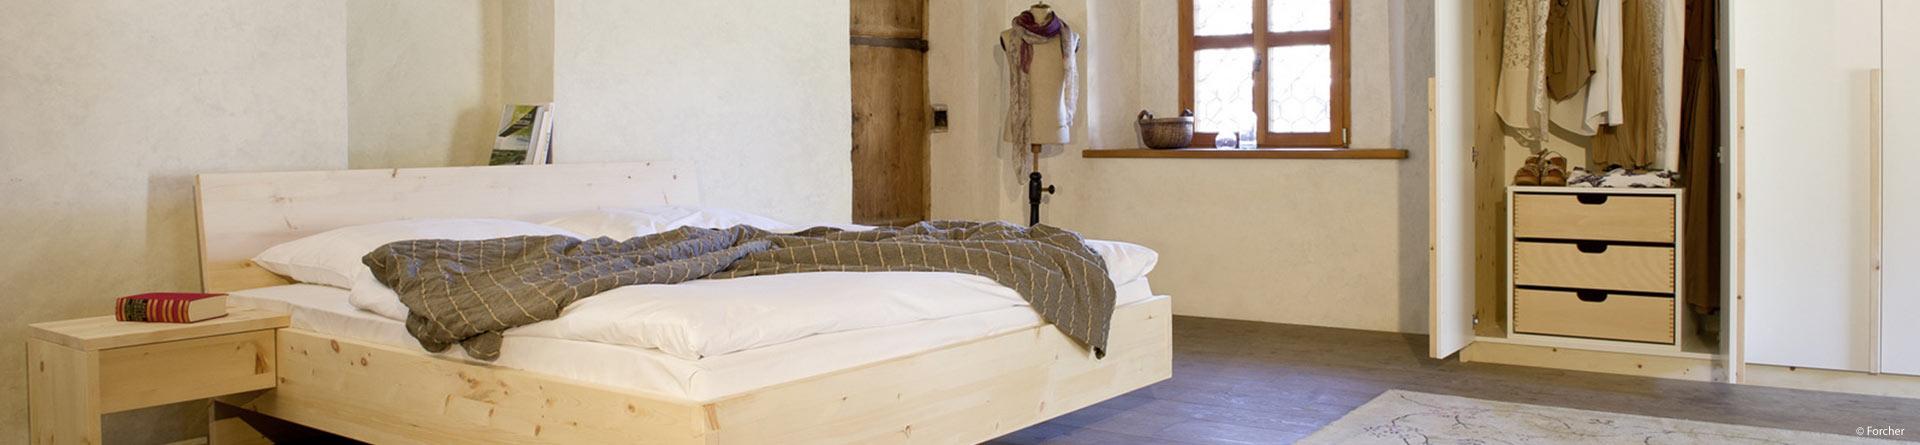 Schlafzimmer und begehbarer Kleiderschrank - Schreinerei ...